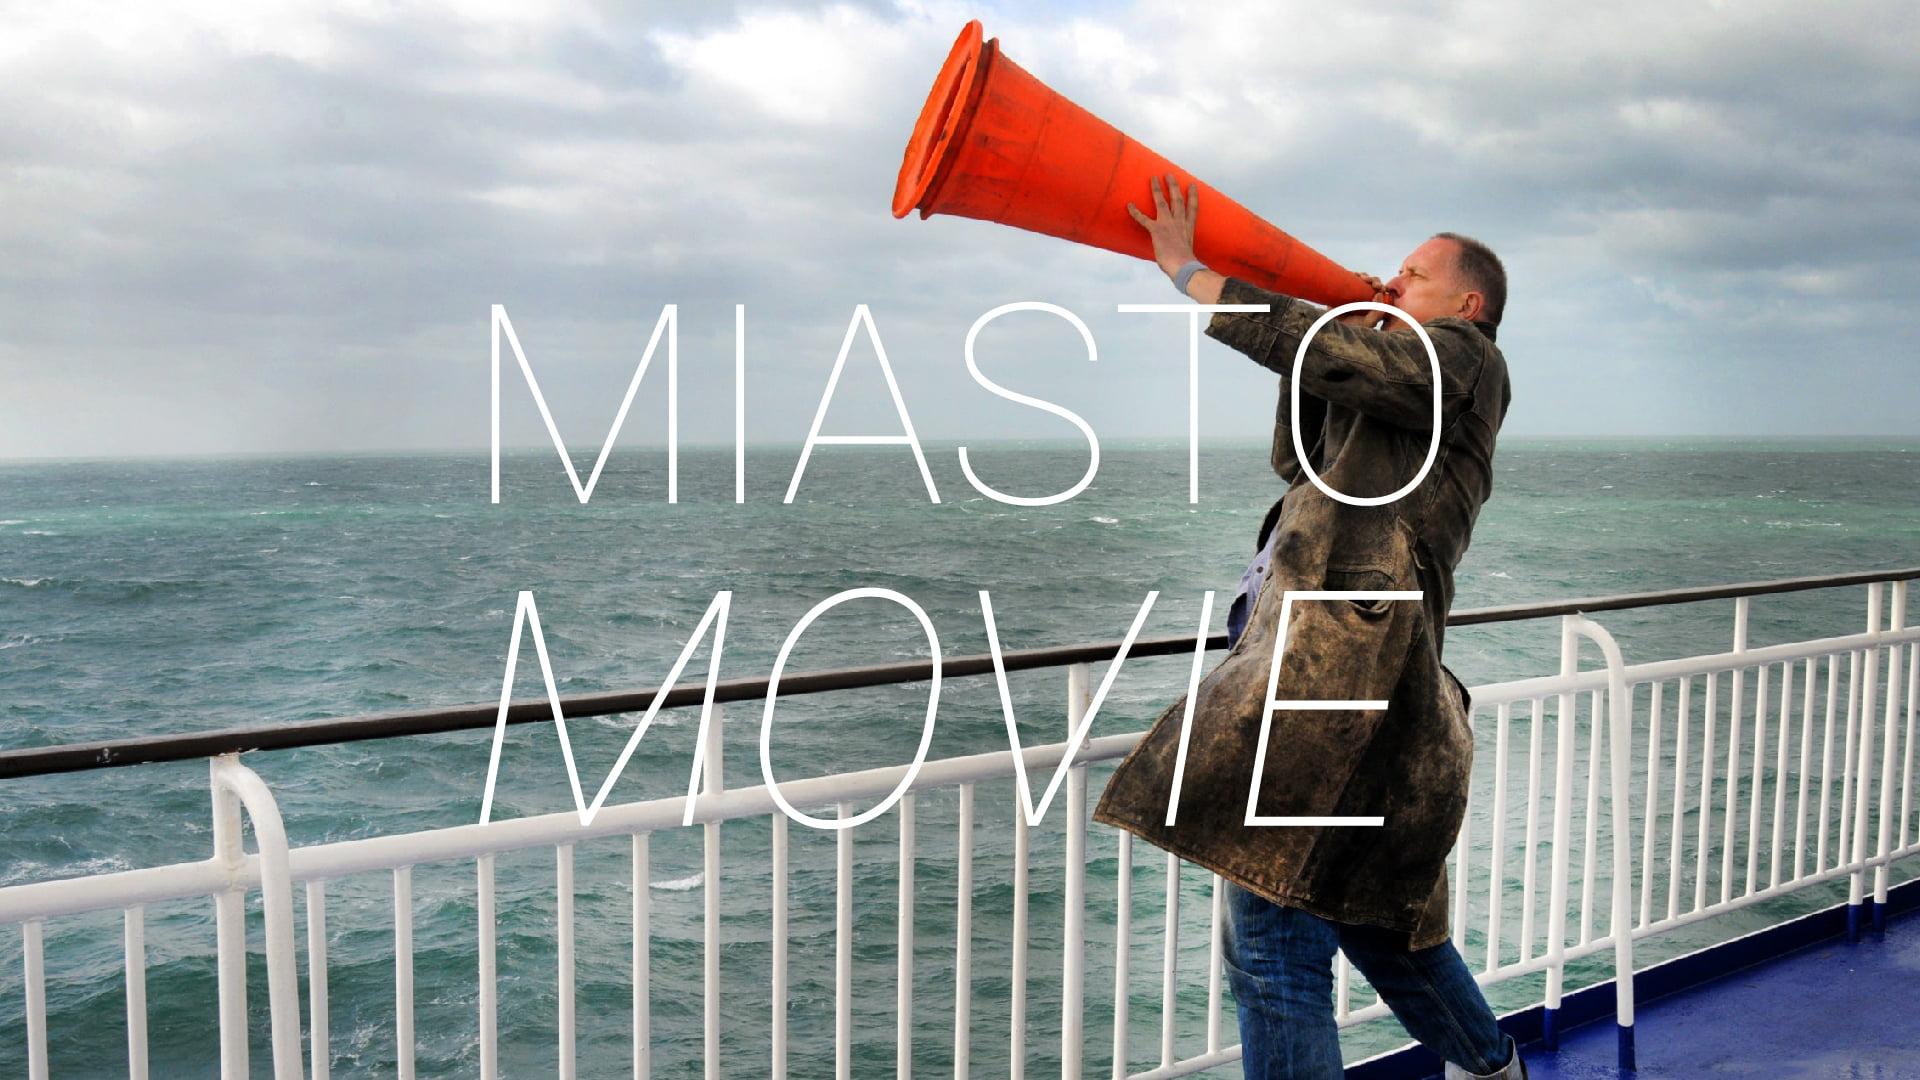 Zdjęcie mężczyzny na statku trzymający pomarańczową tubę. Napis Miasto Movie.